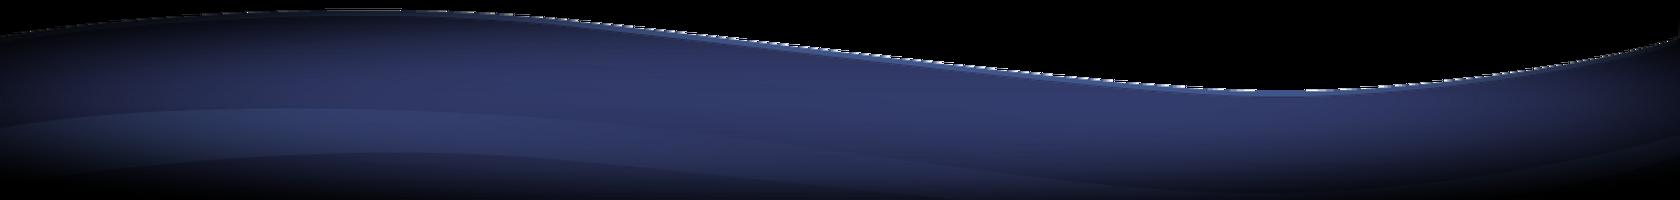 overlay_header-wave_edited_edited_edited